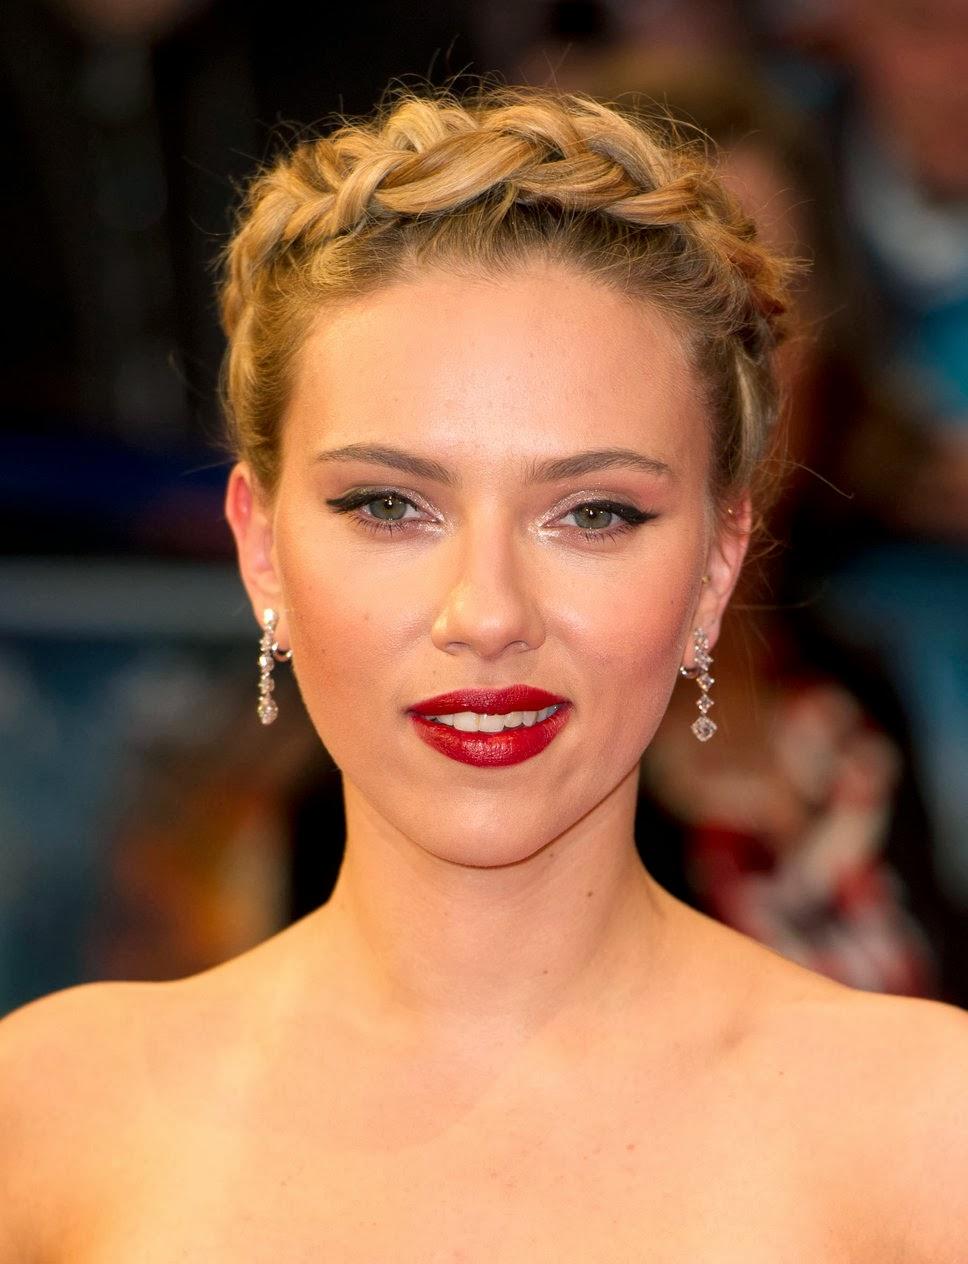 Scarlett Johansson Hairstyle Celebrity Magazine